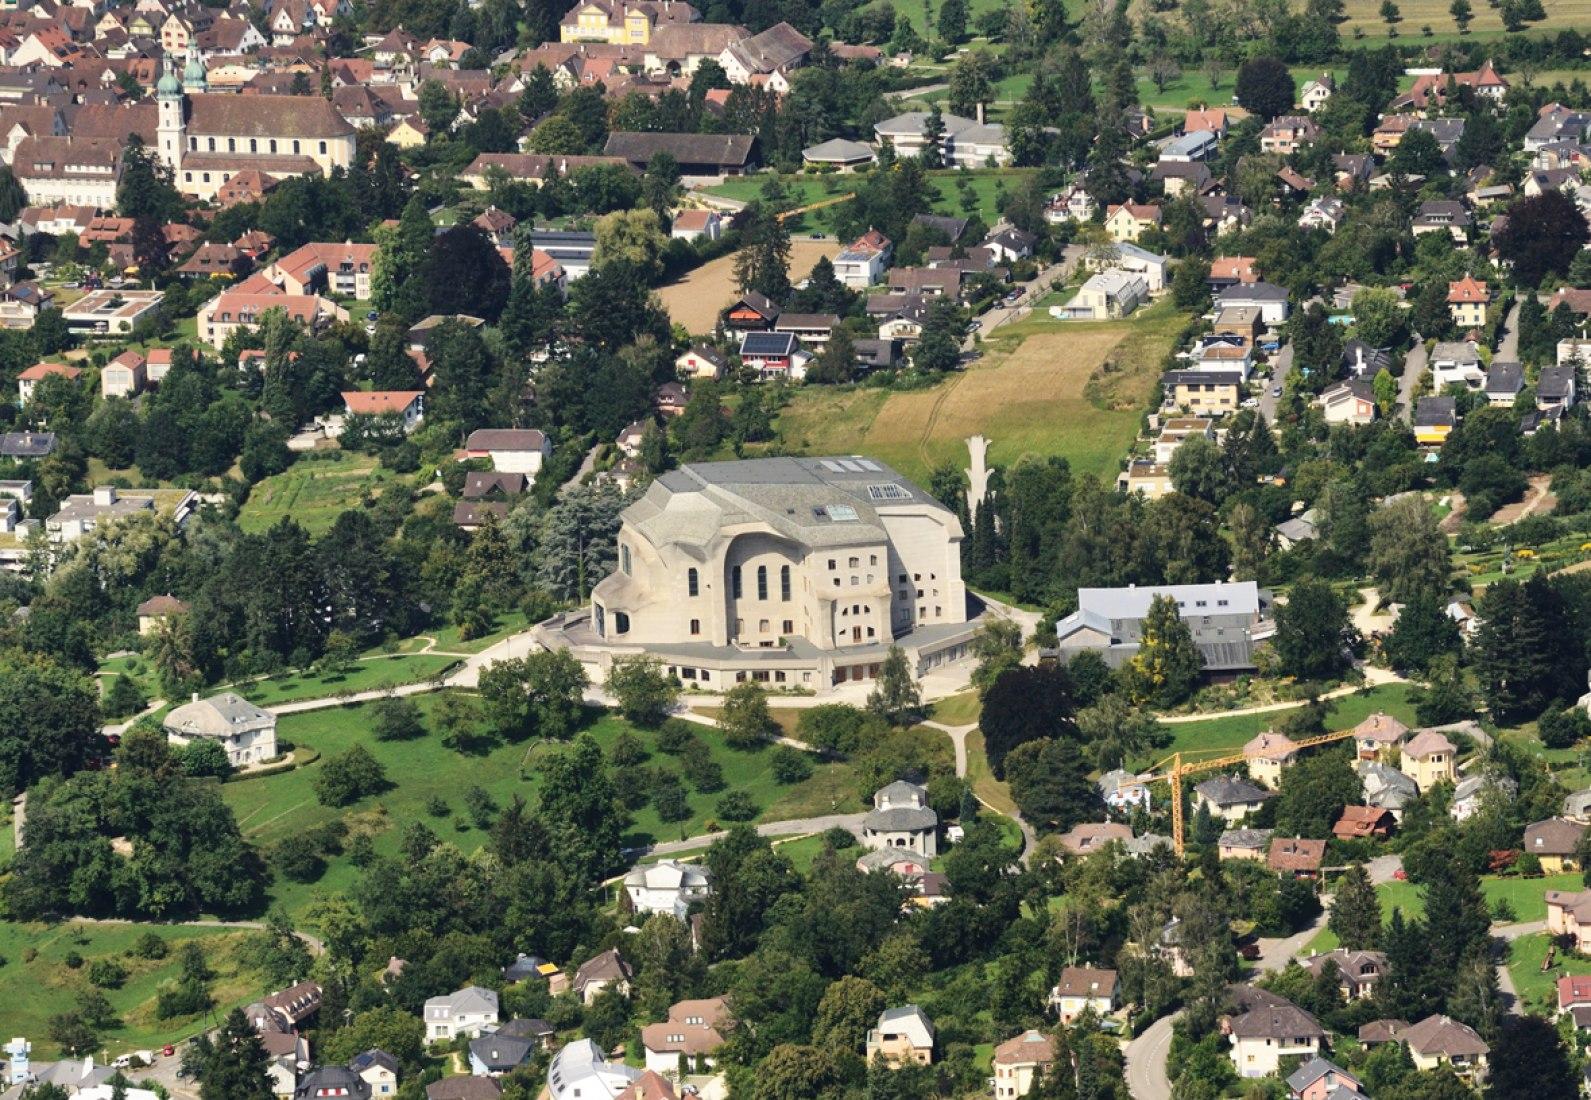 Vista aérea. Segundo Goetheanum. En el filo del expresionismo I: Rudolf Steiner. Fotografía © Wikipedia.